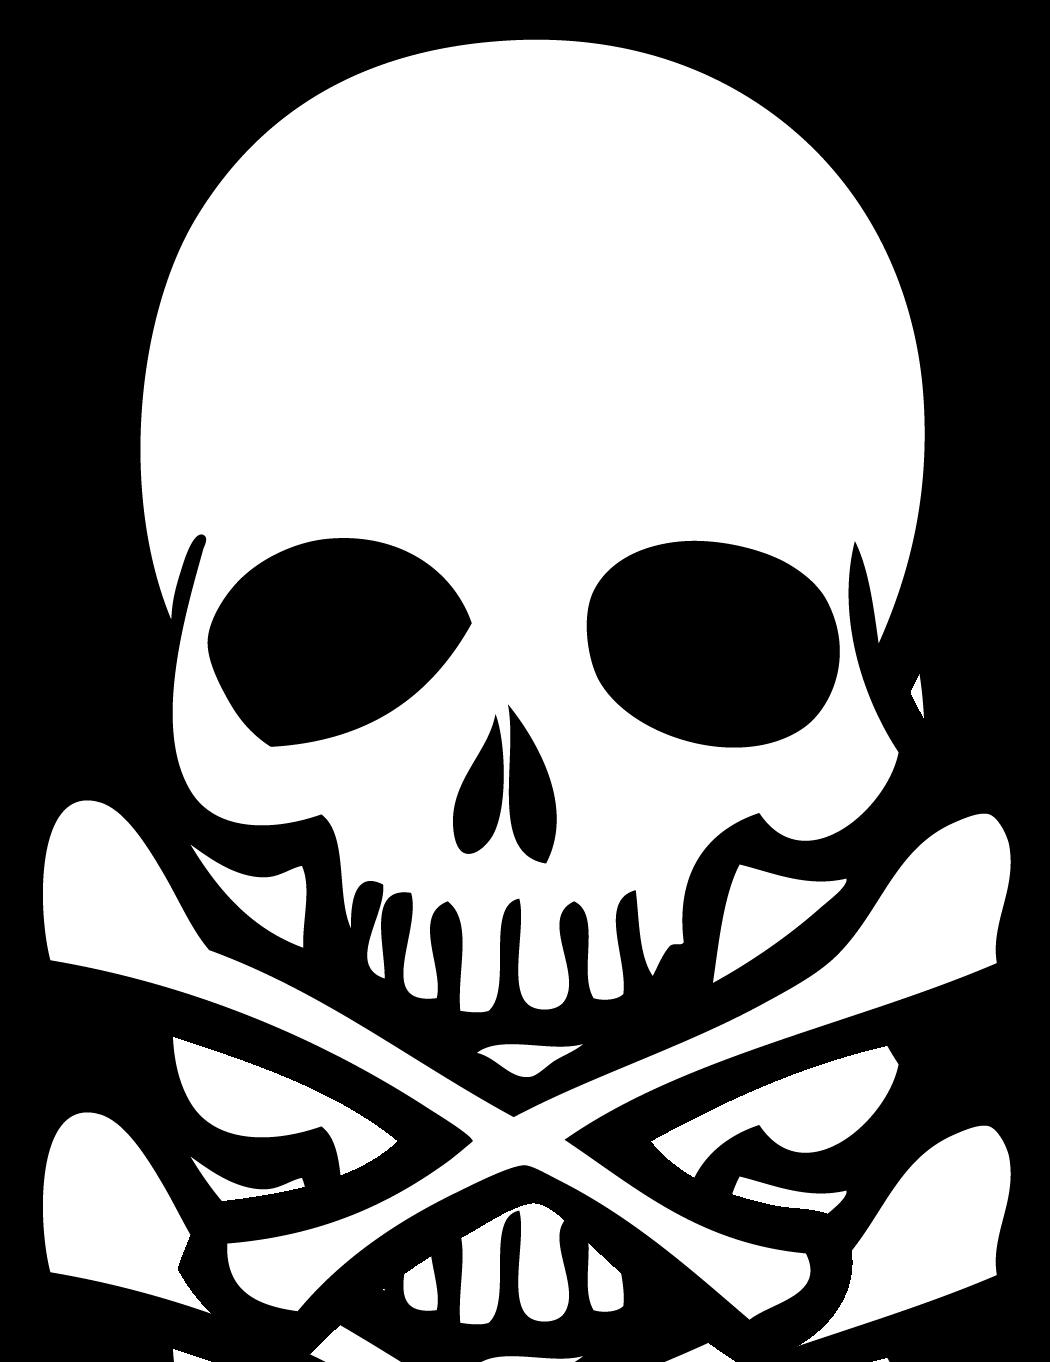 Sketch clipart skull and crossbones Skull and  Simple crossbones